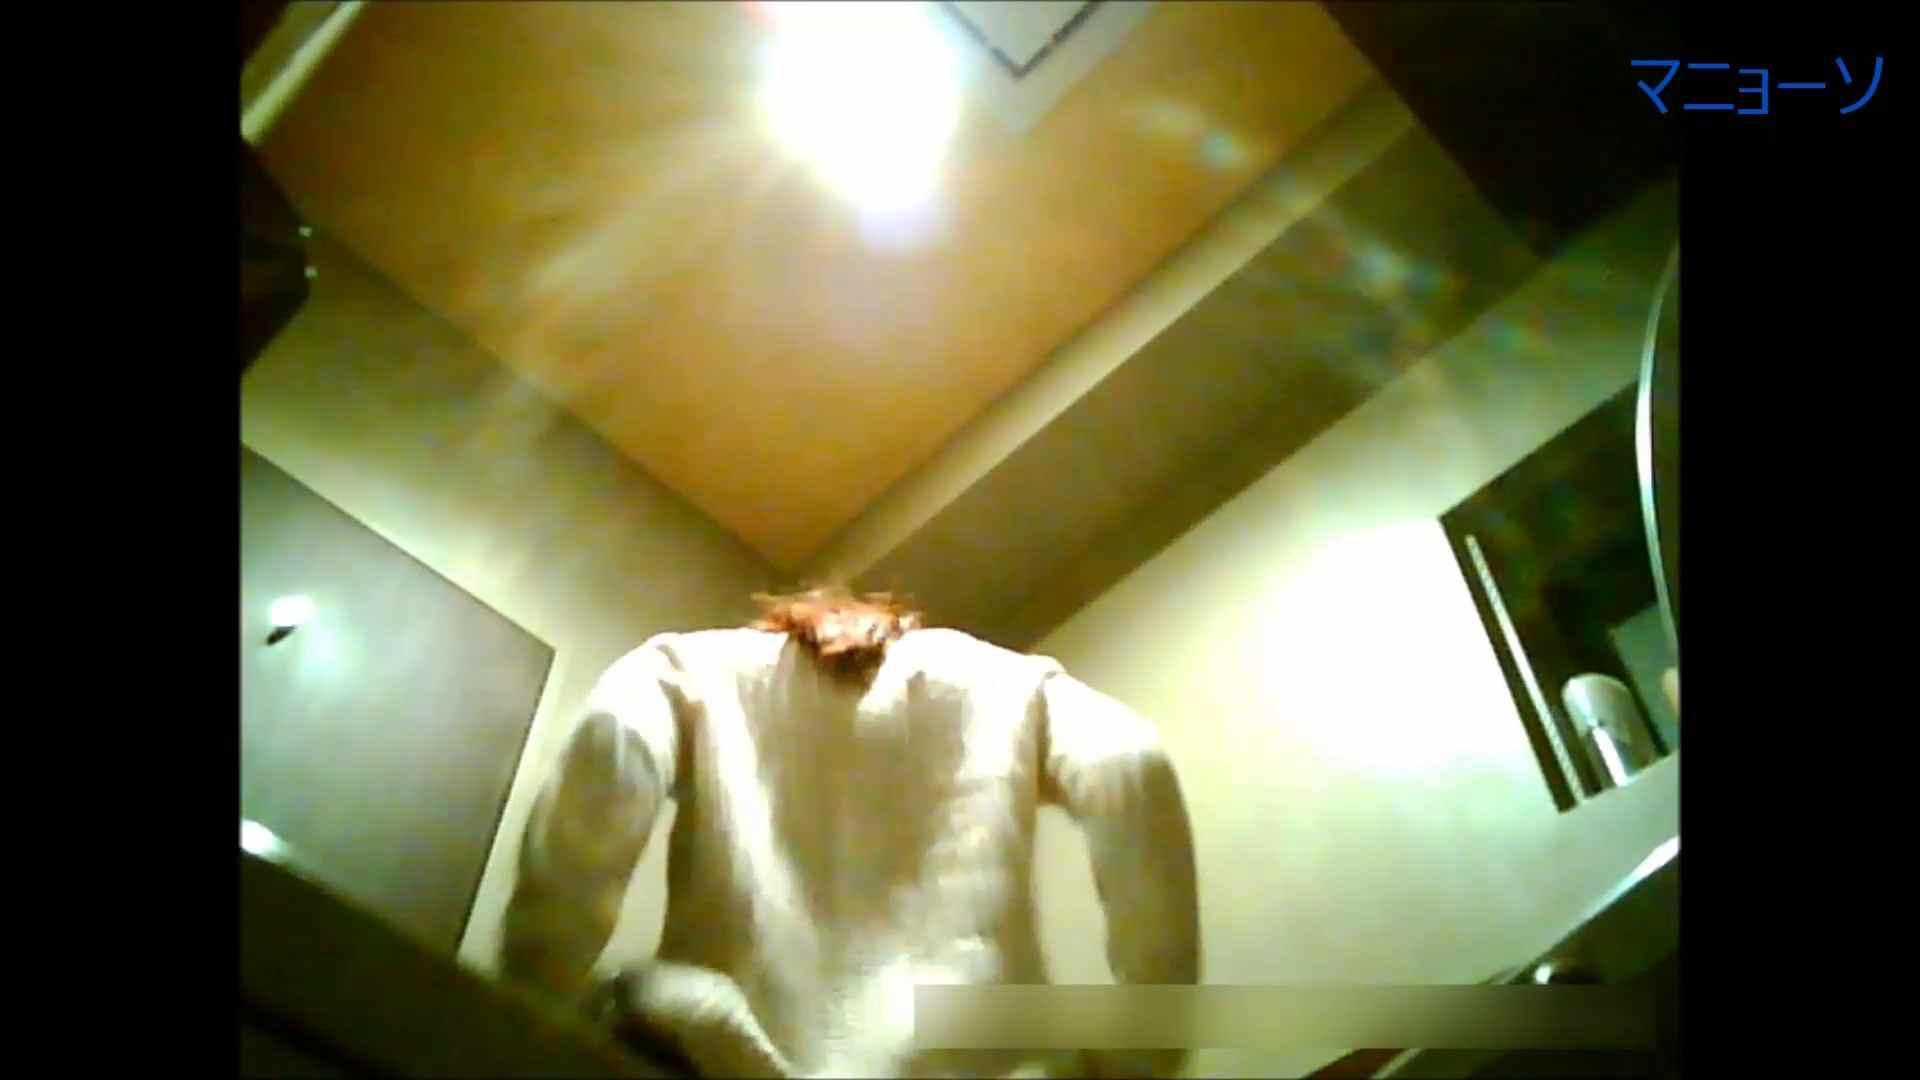 トイレでひと肌脱いでもらいました (JD編)Vol.02 トイレ  80pic 16